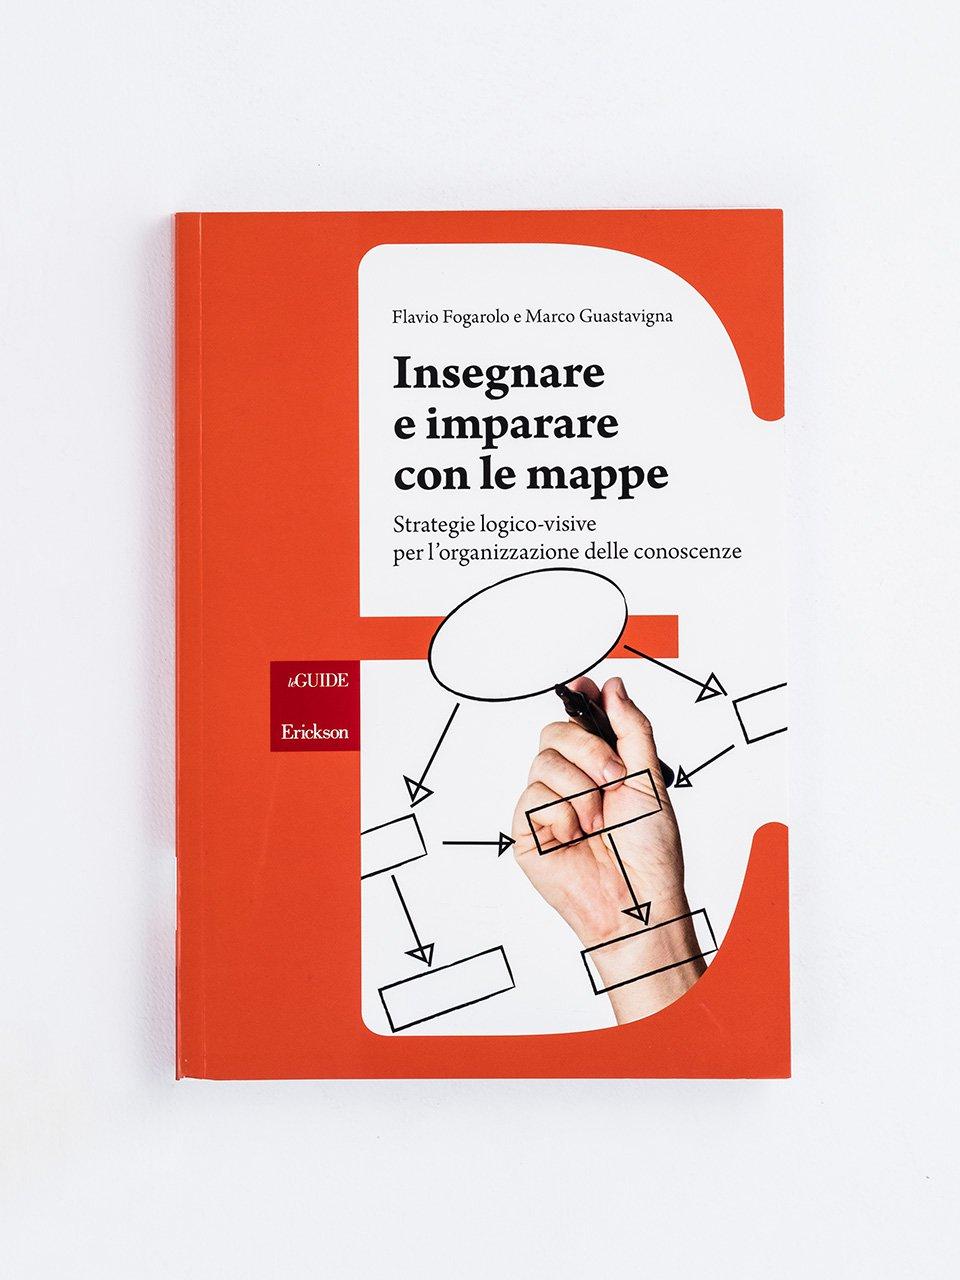 Insegnare e imparare con le mappe - IperMAPPE 2 - App e software - Erickson